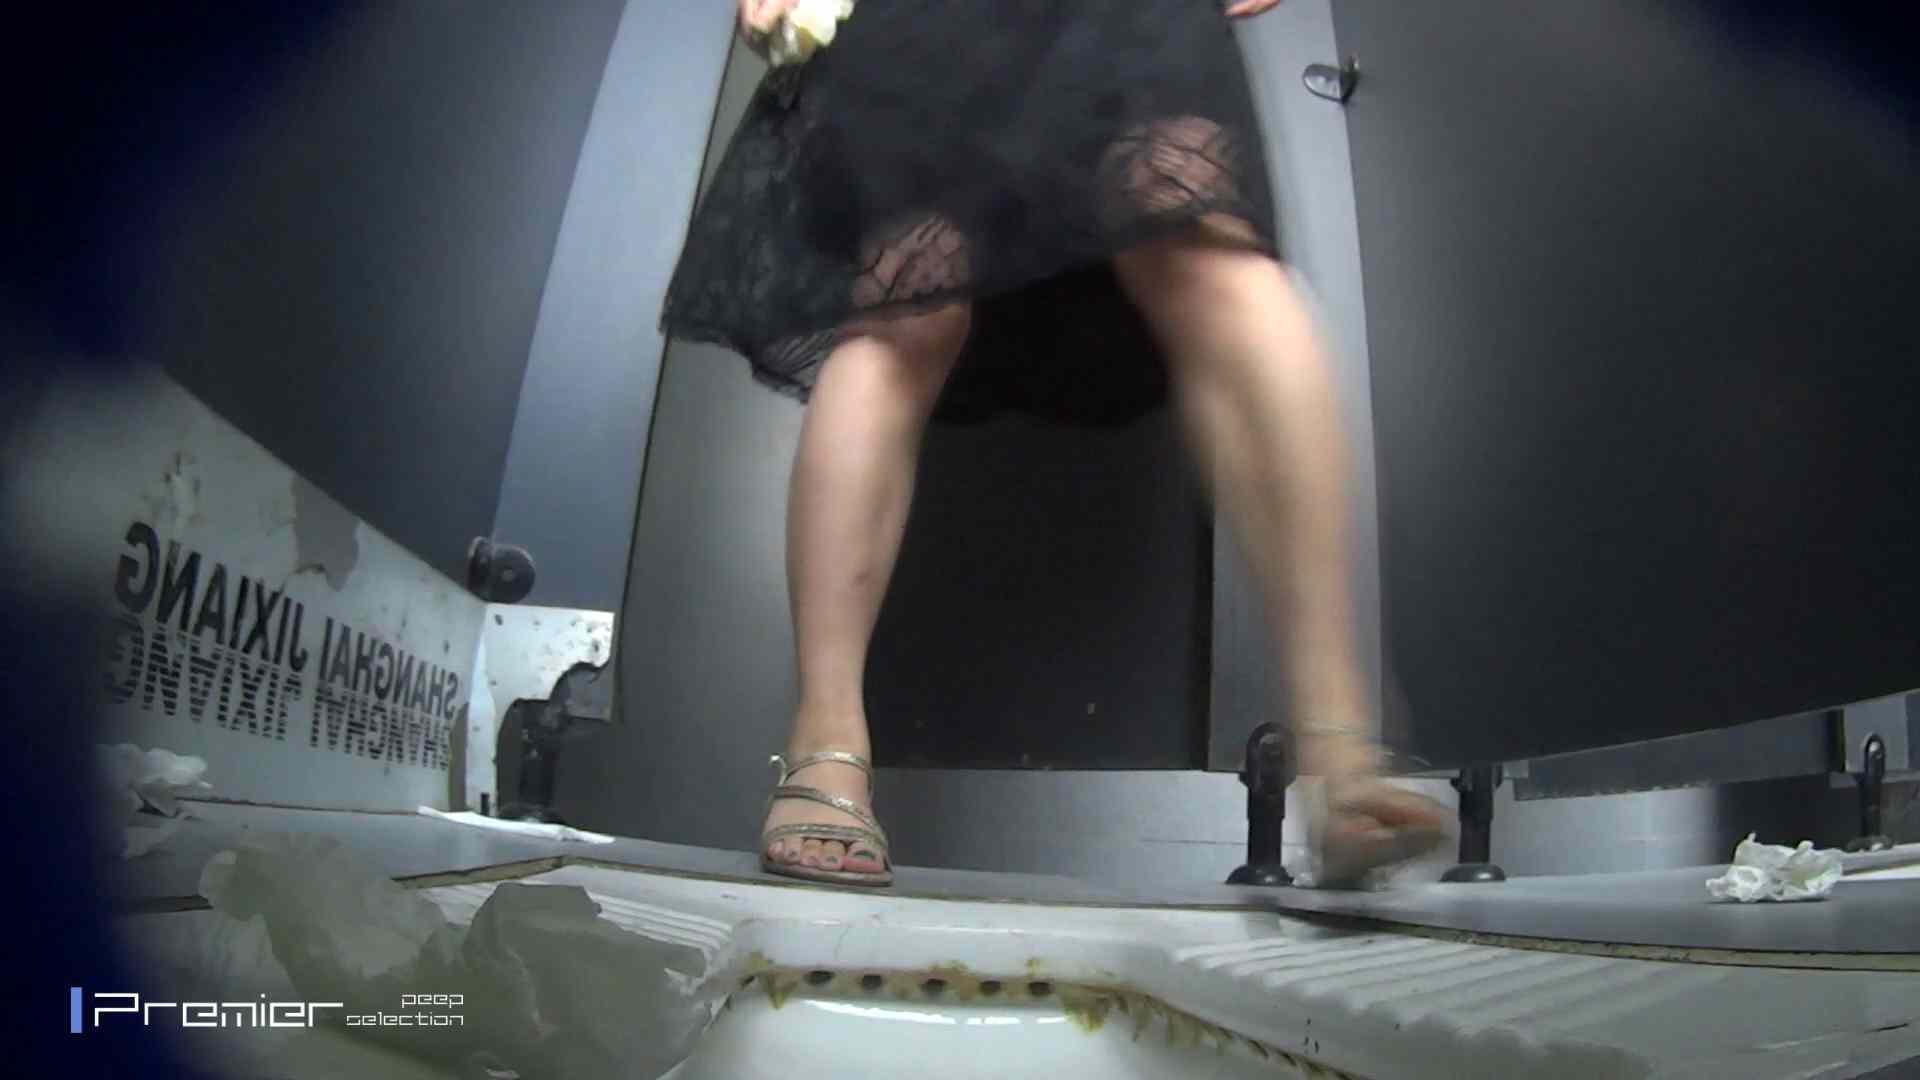 スキニージーンズの美女 大学休憩時間の洗面所事情56 盗撮映像  94Pix 57